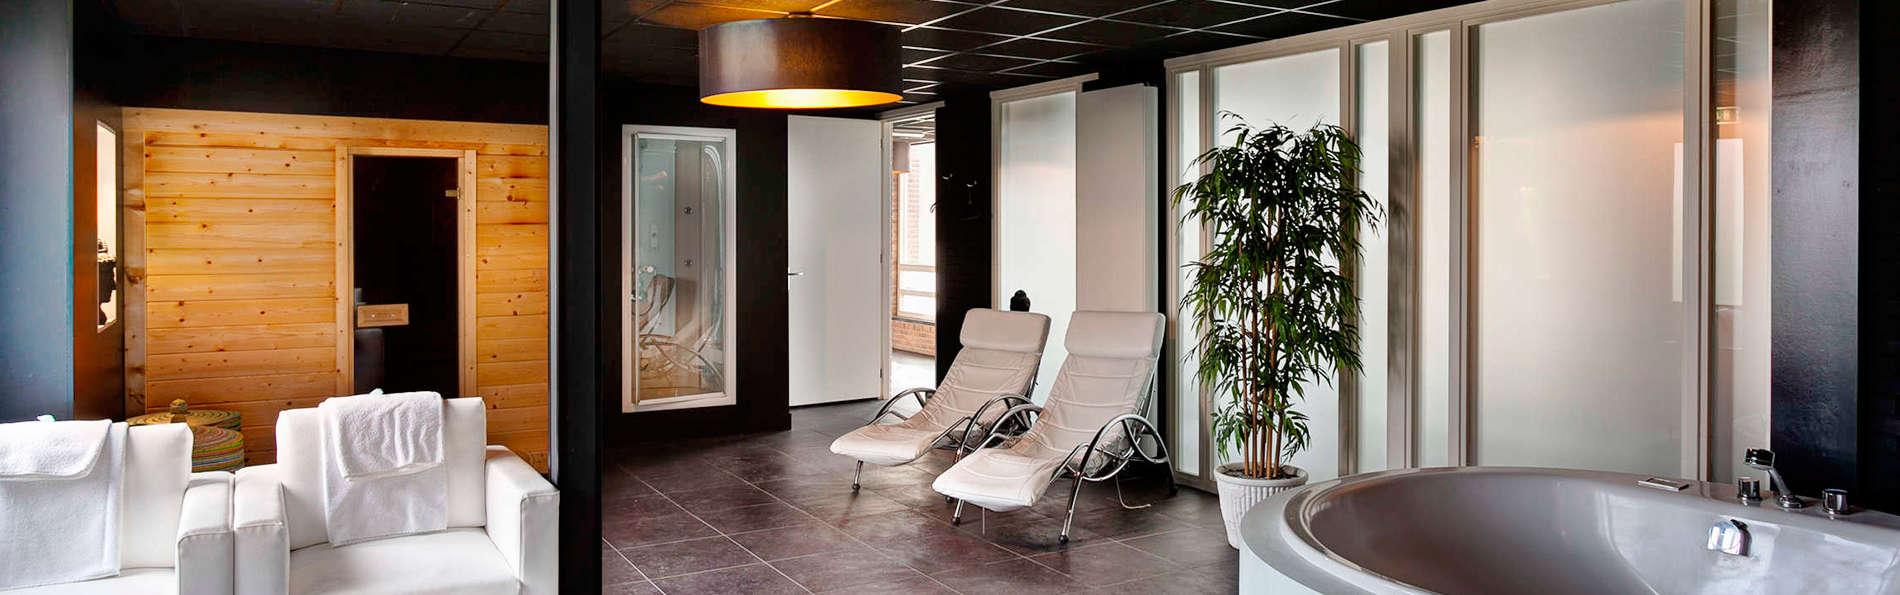 Profitez du luxe et de l'hospitalité avec accès à un sauna privé